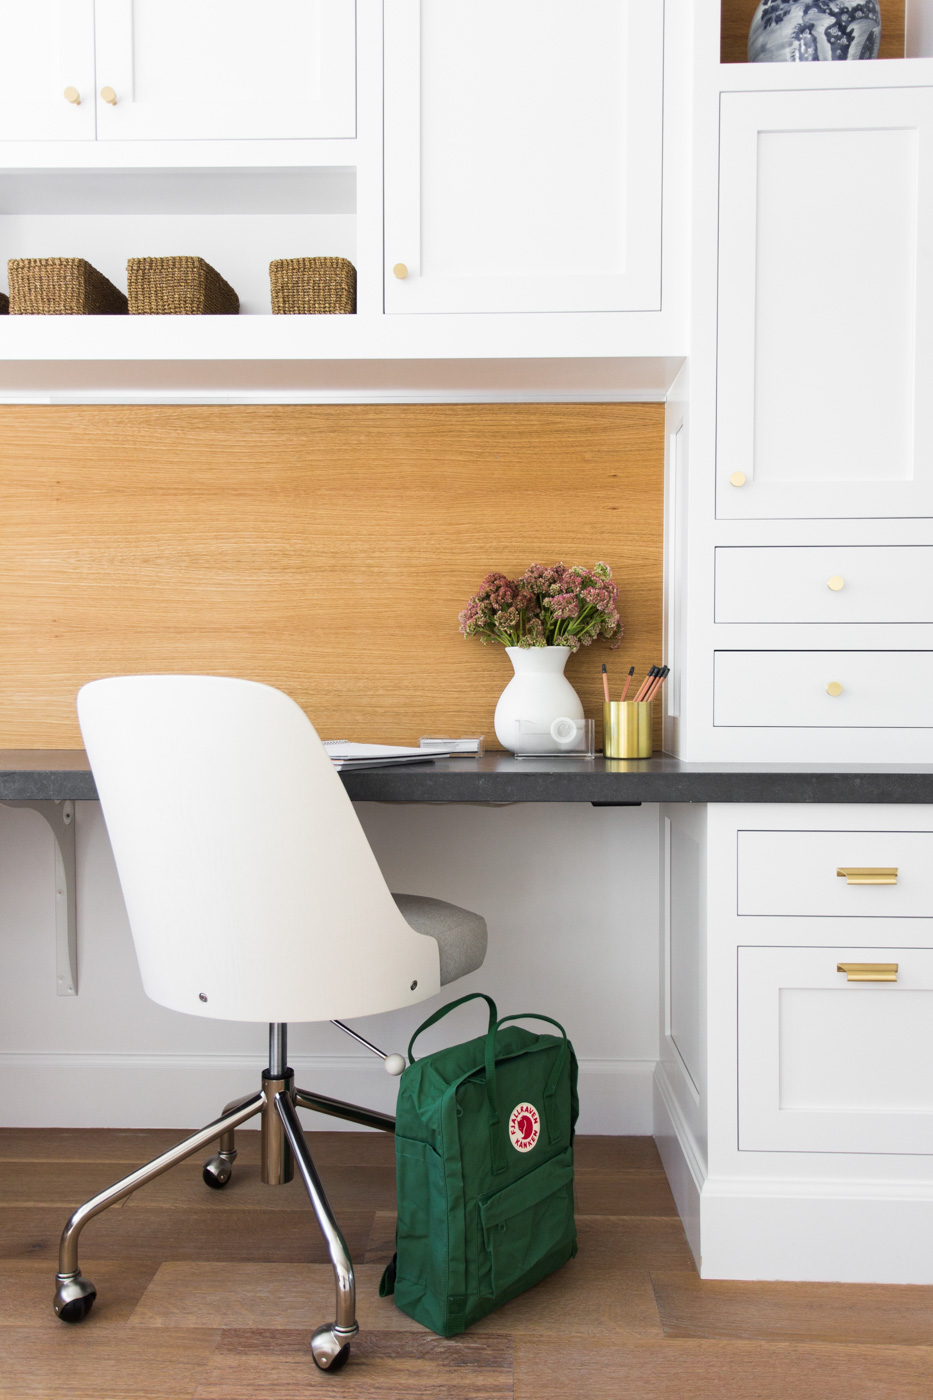 Wood+back+on+built-in+||+Studio+McGee.jpg